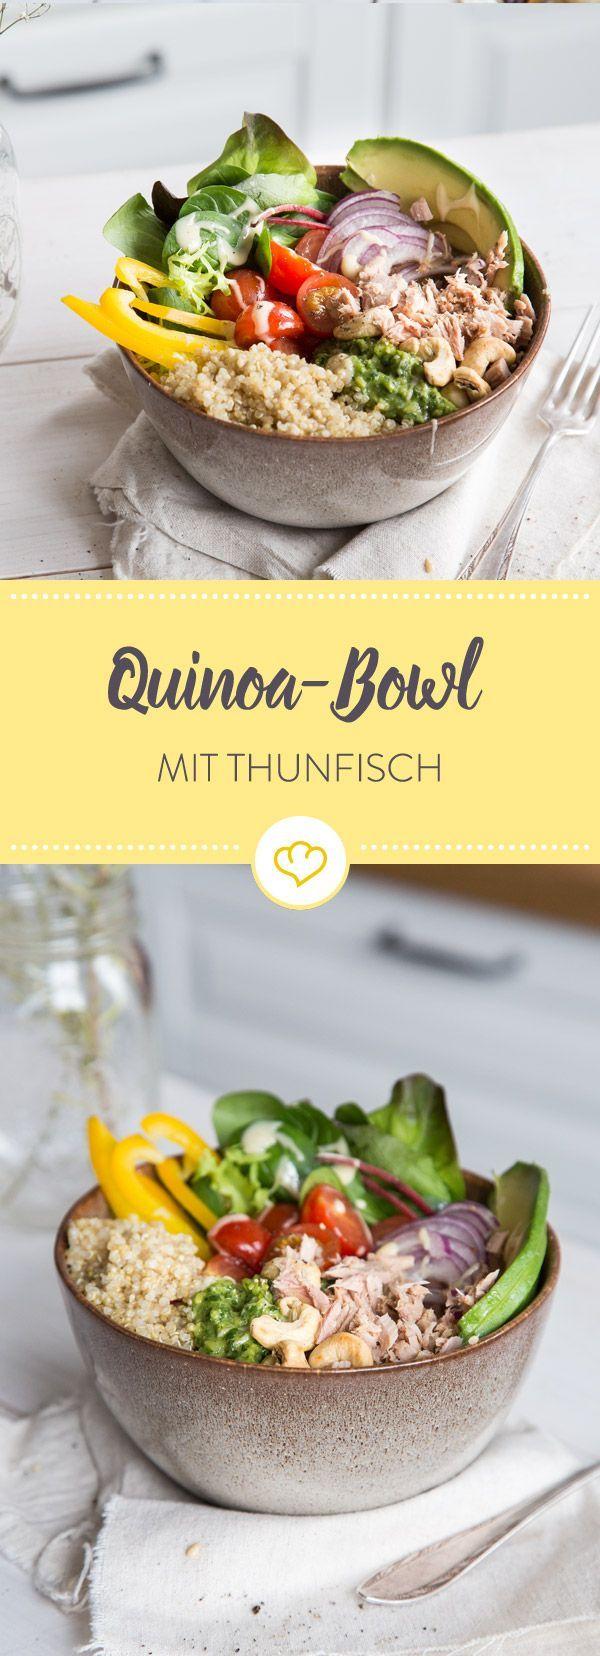 Lust auf Quinoa? Lust auf Thunfisch? Dann ist diese gesunde Schüssel genau das Richtige. Mit cremigem Pesto und Cashews wird sie zur echten Sattmacher-Bowl.